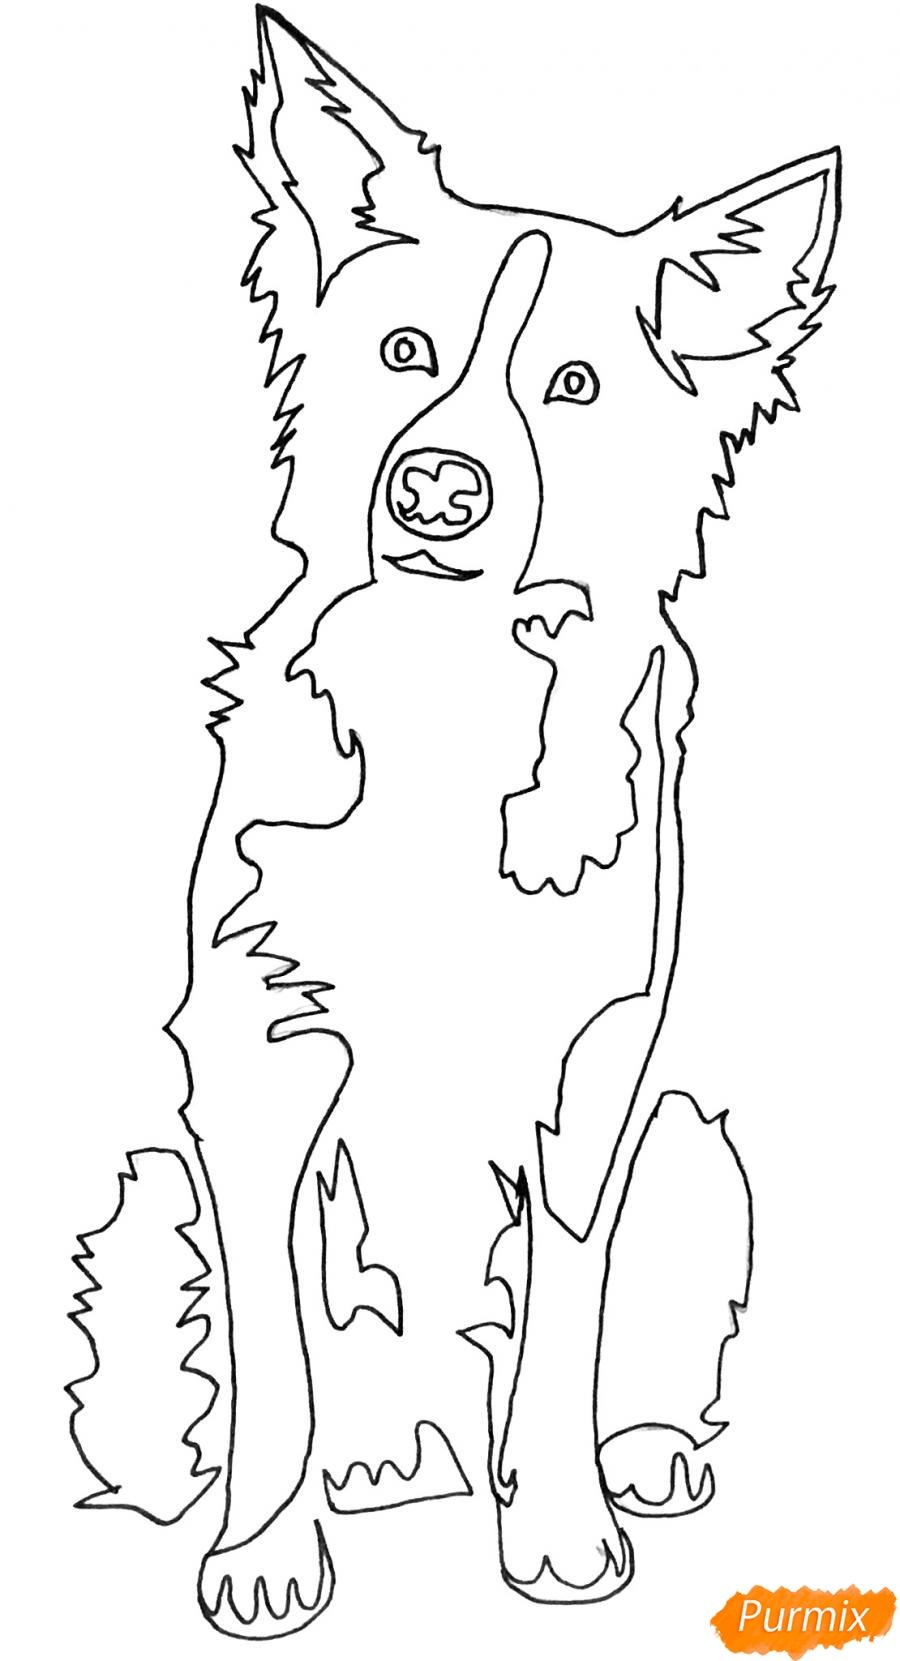 Рисуем тату собаку - шаг 7